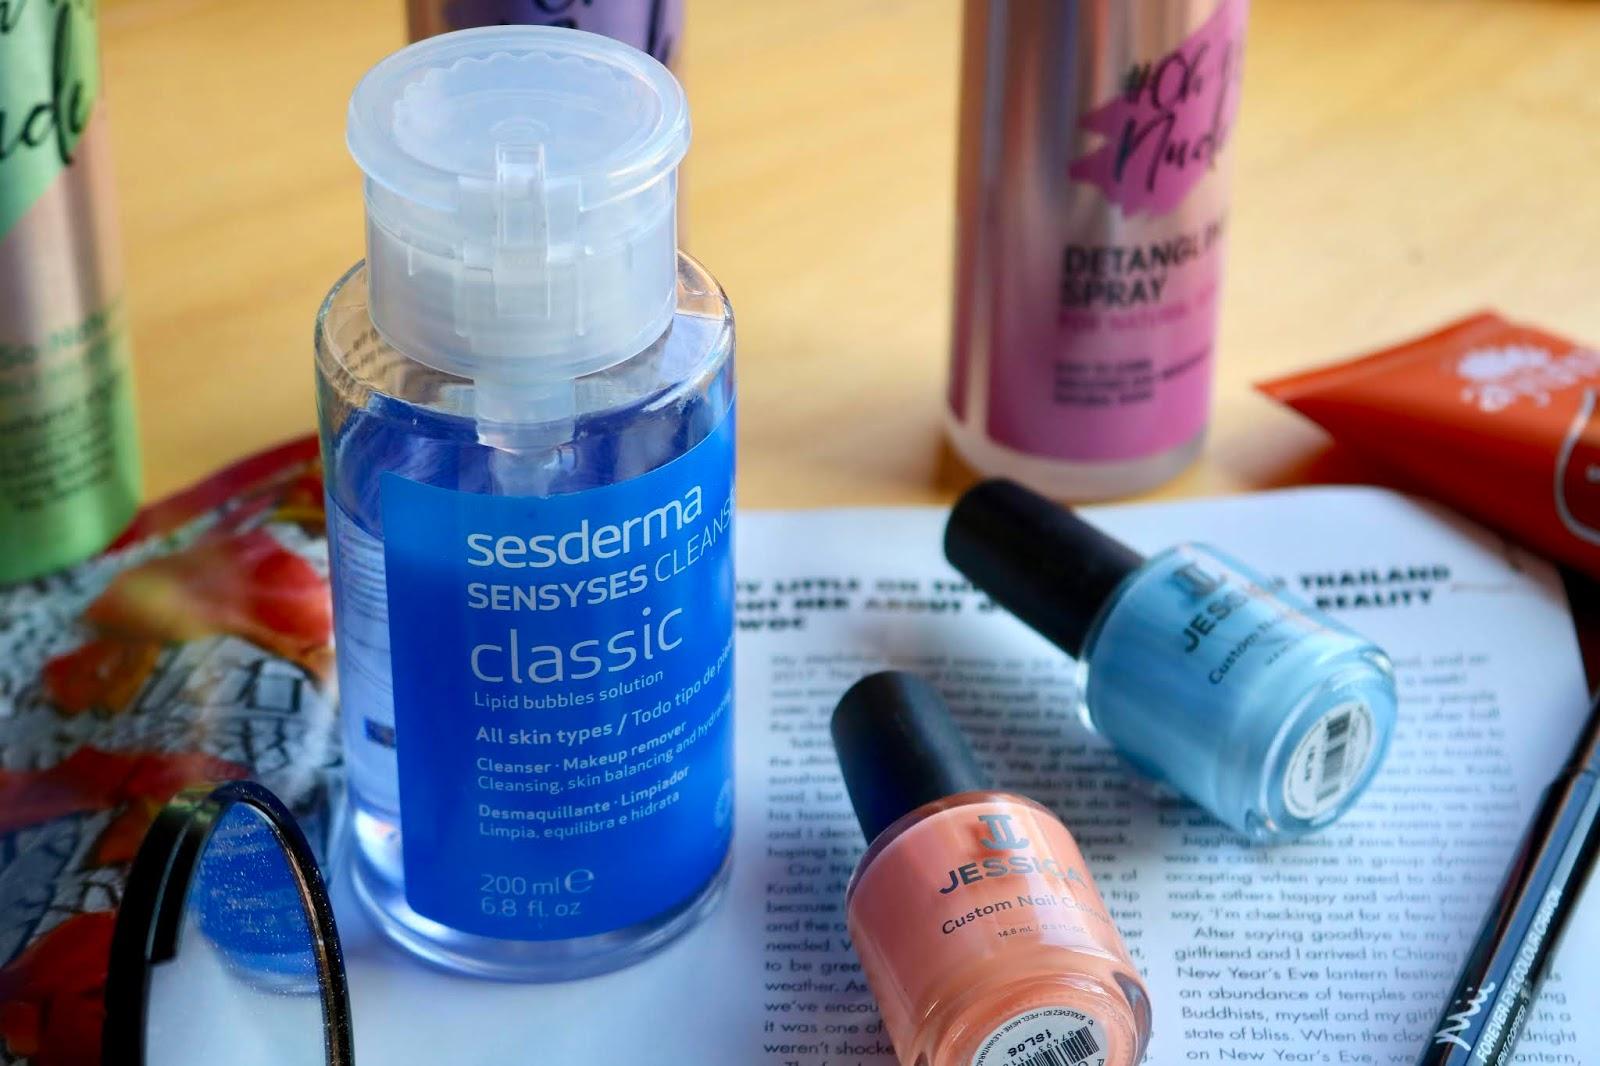 Sesderma Sensyses Liposomal Classic Cleanser